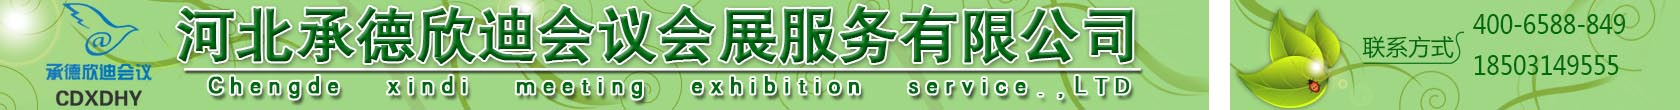 万博体育manbetx欣迪新万博体育manbetx17会展